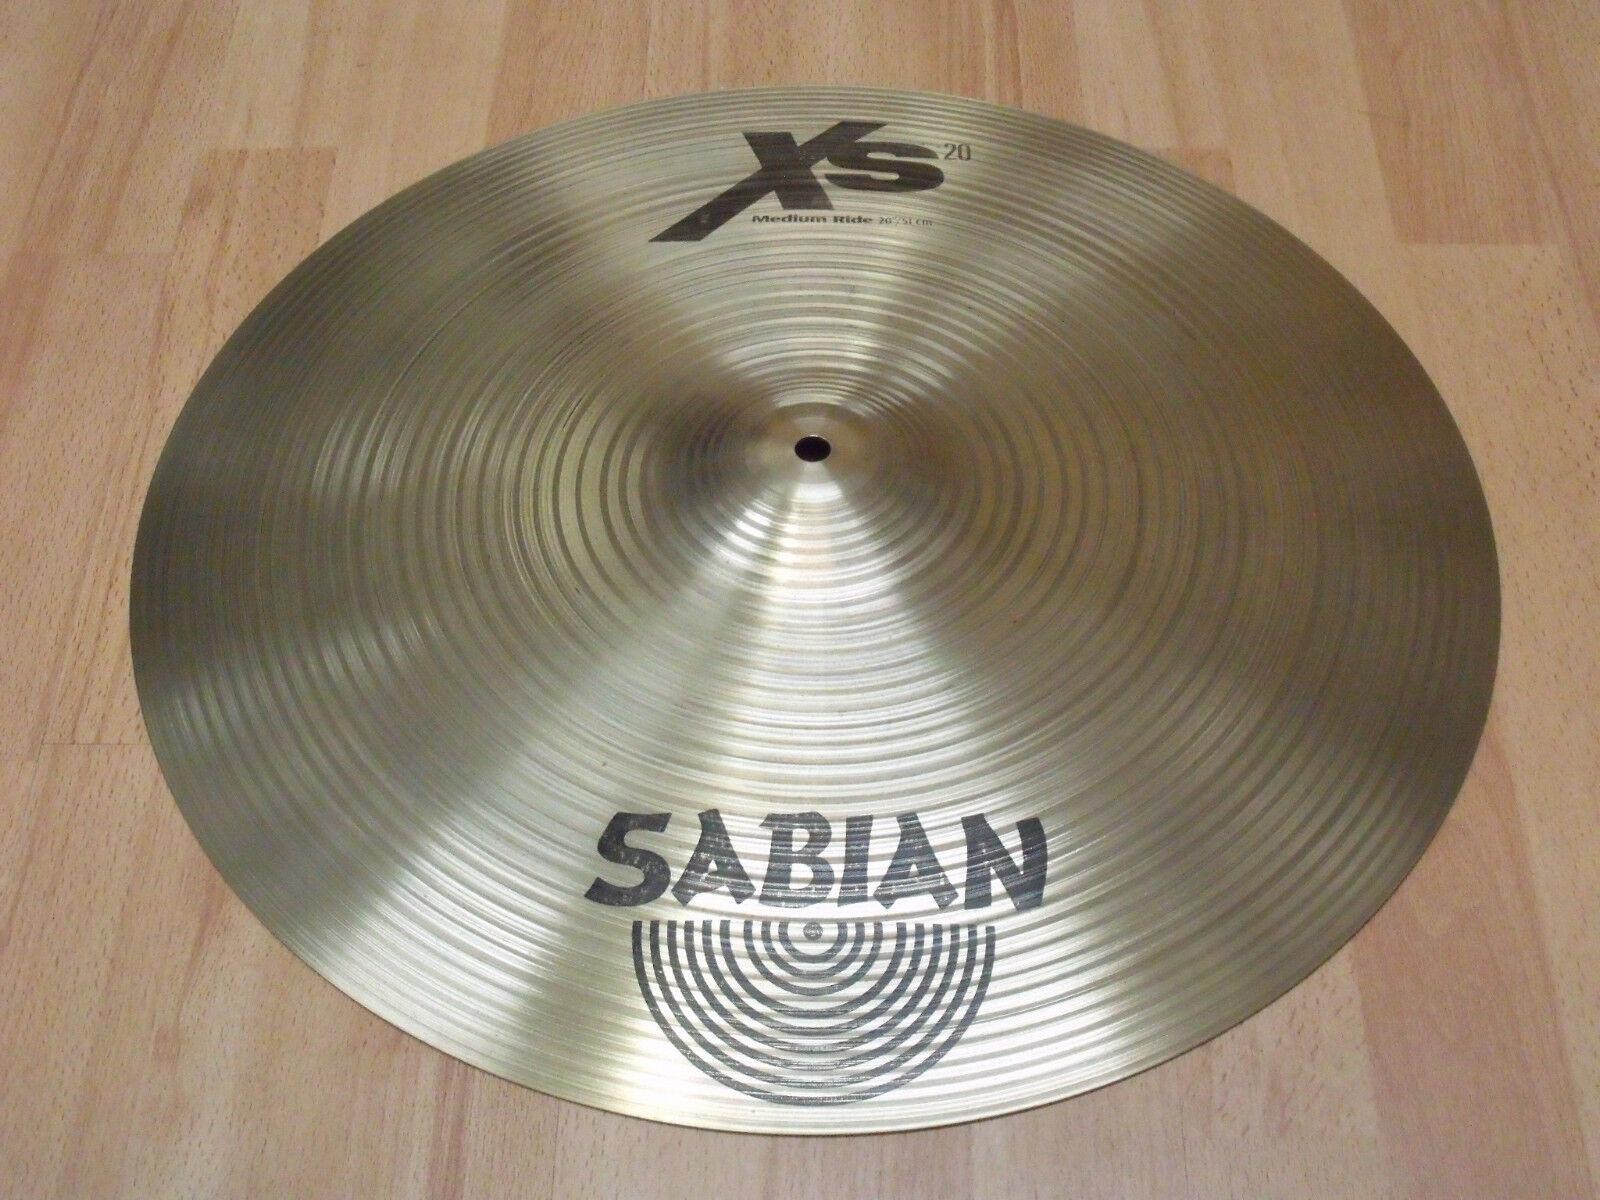 Sabian XS20 Ride-Becken 20    Cymbal   Sehr guter Zustand